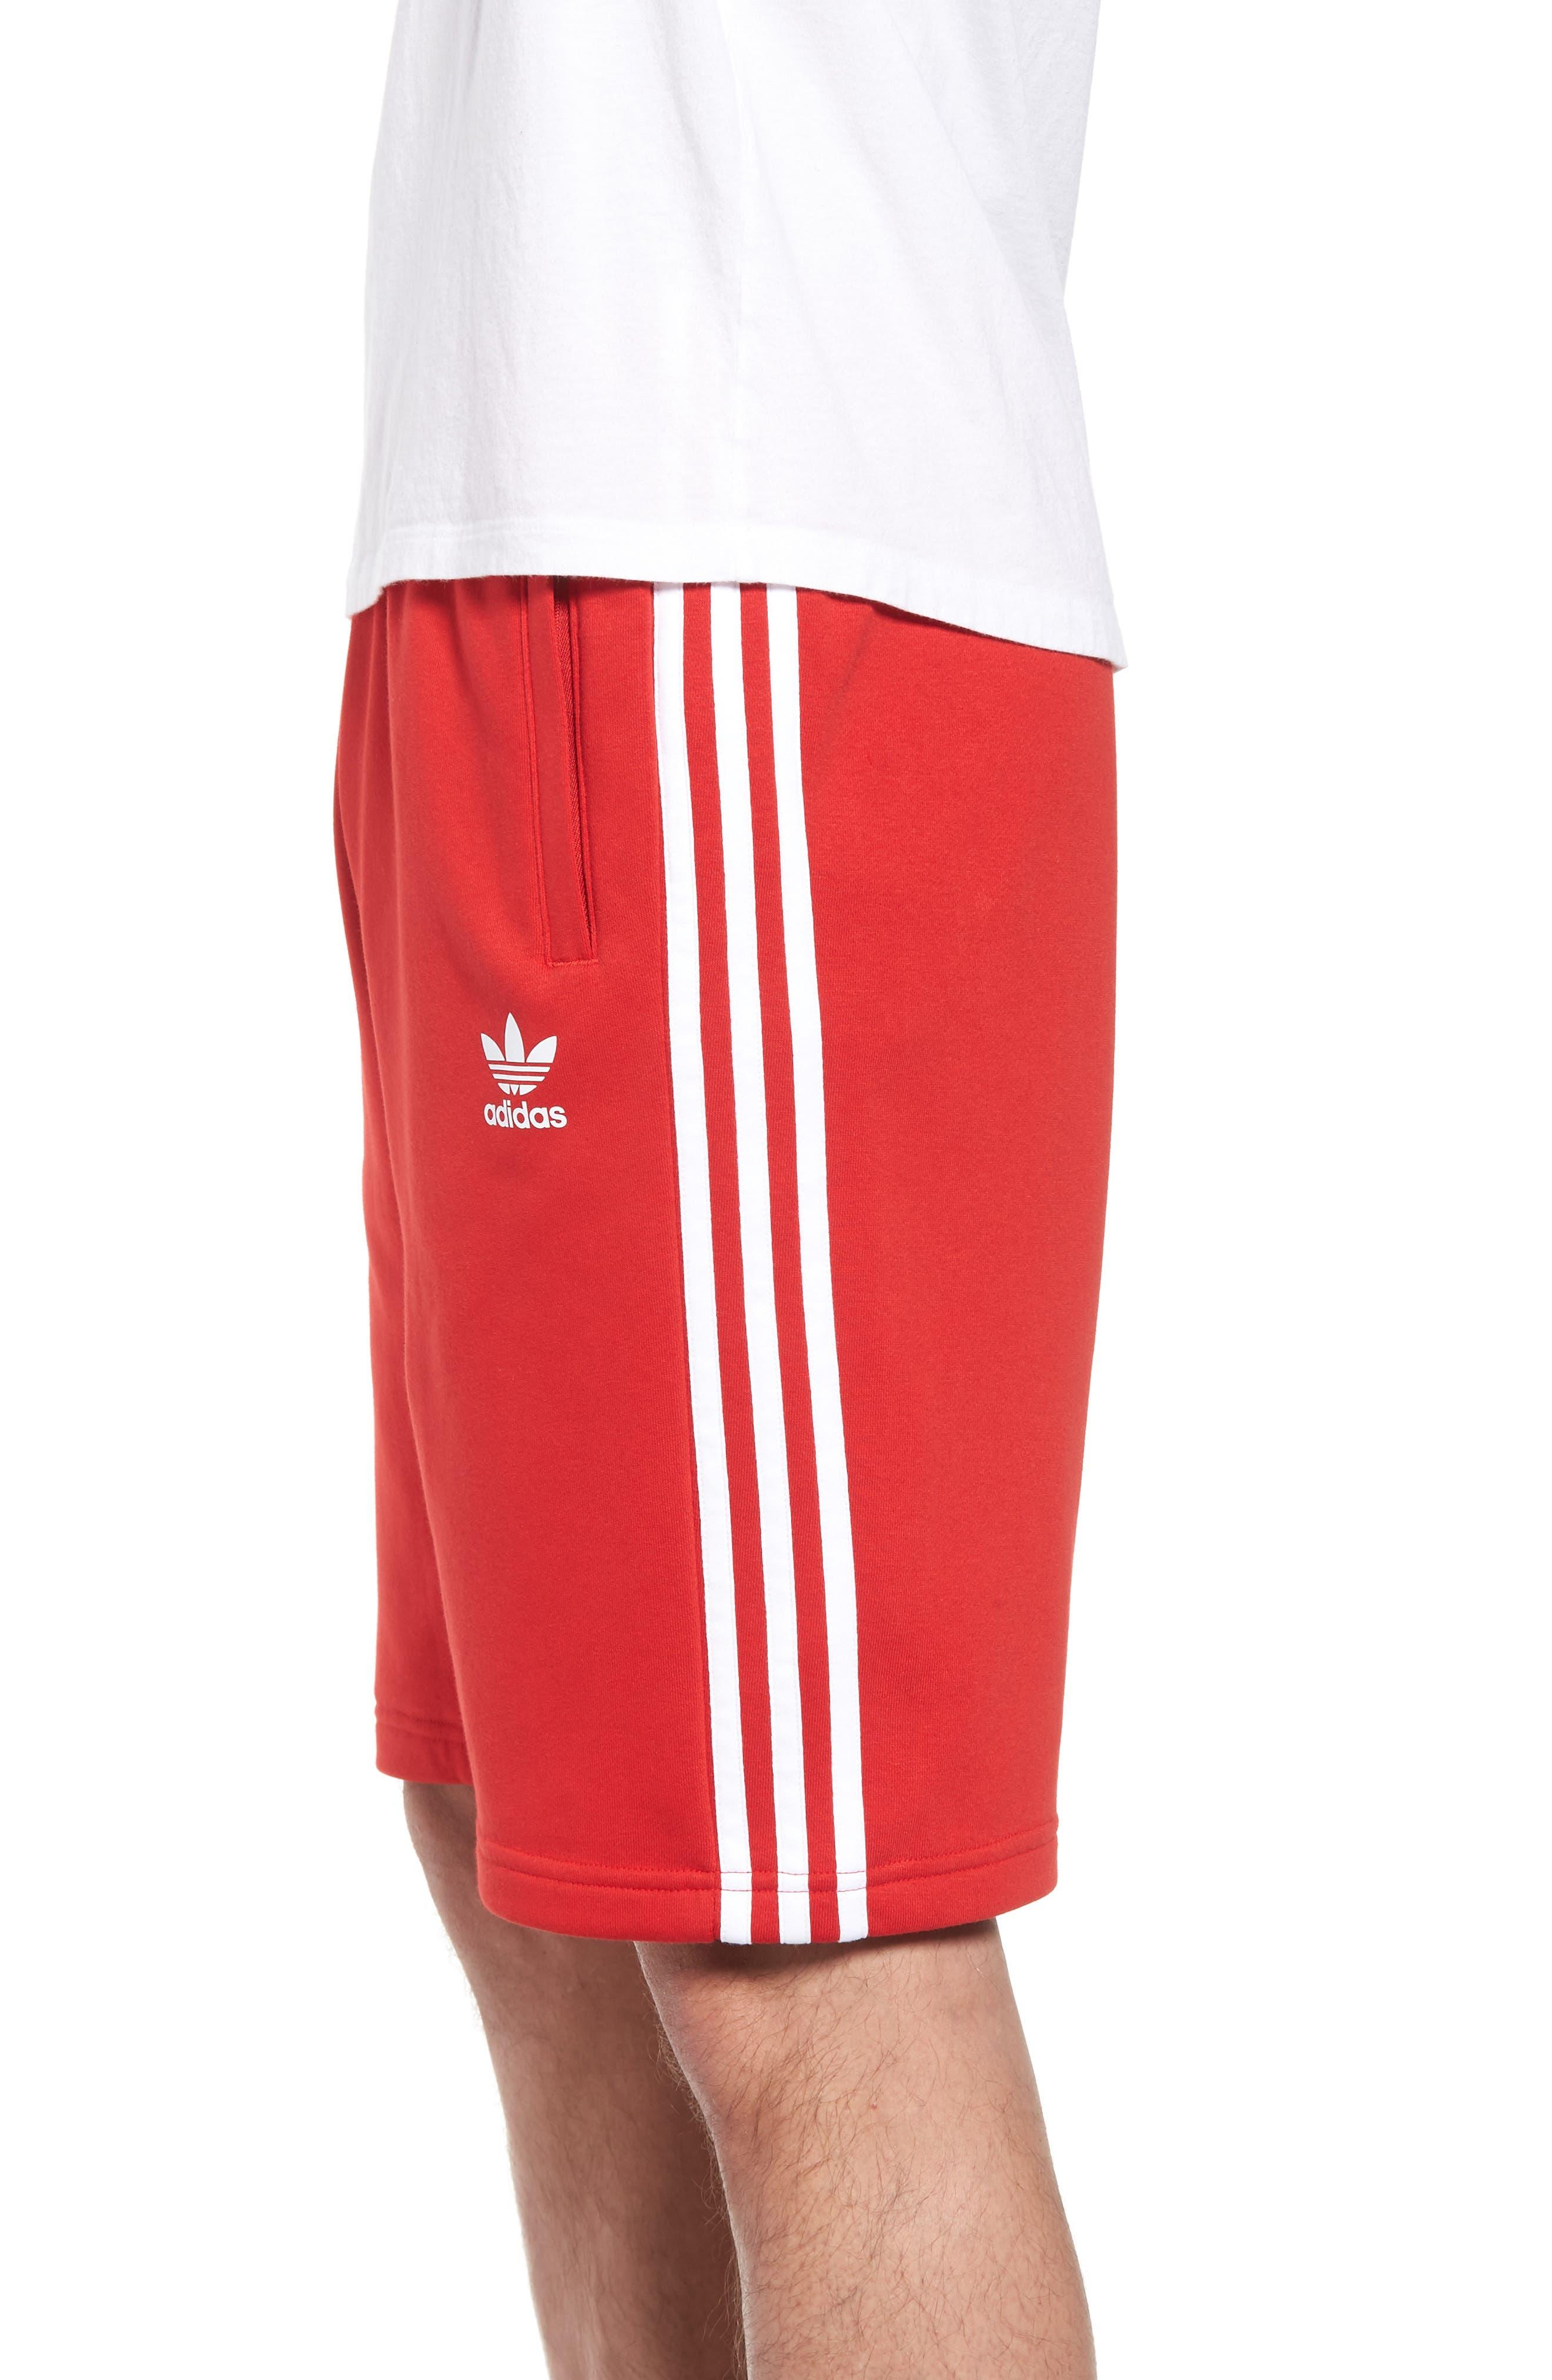 3-Stripes Shorts,                             Alternate thumbnail 3, color,                             610